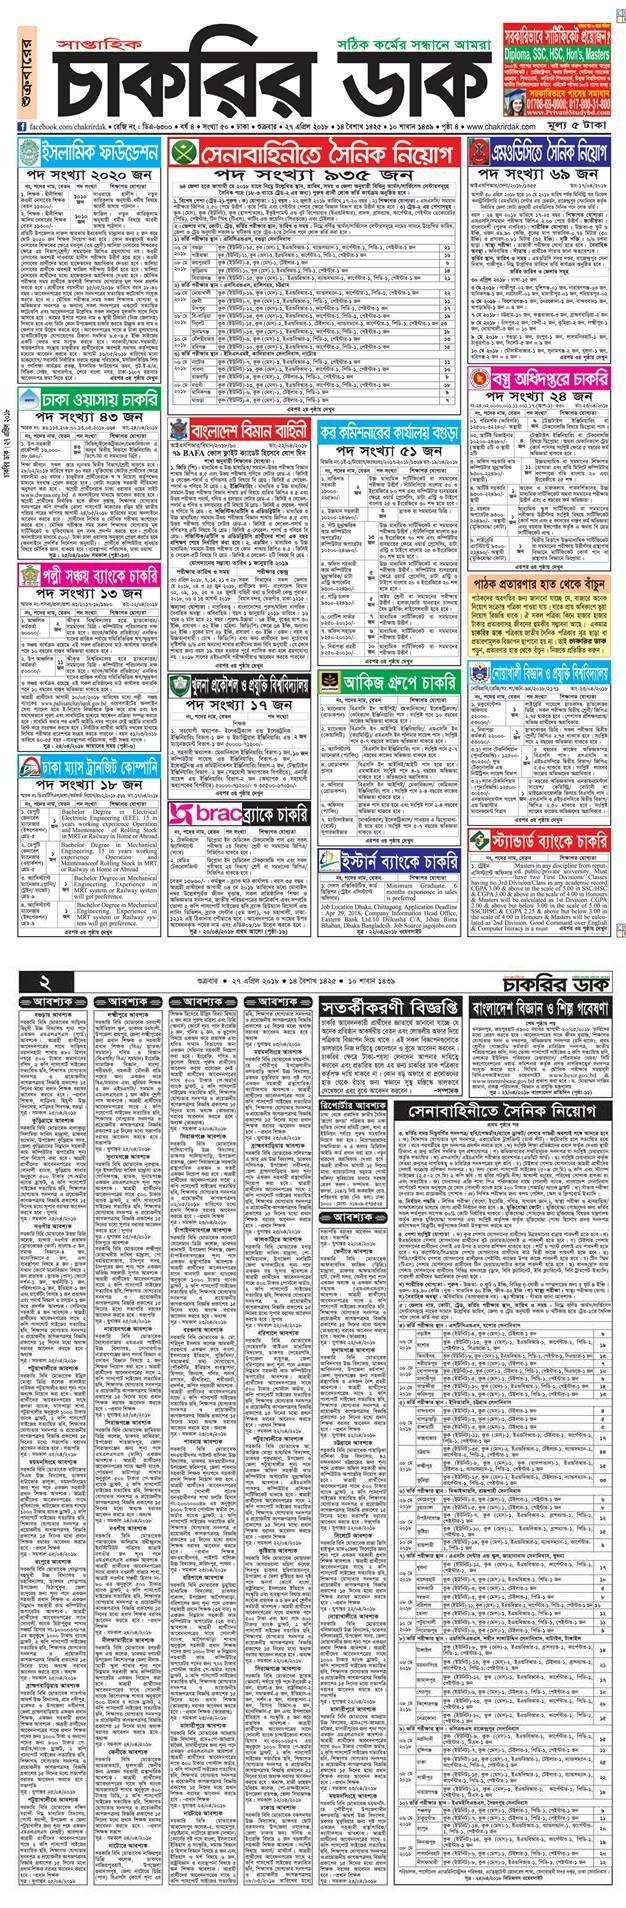 Chakrir Dak Weekly Jobs Newspaper 2018